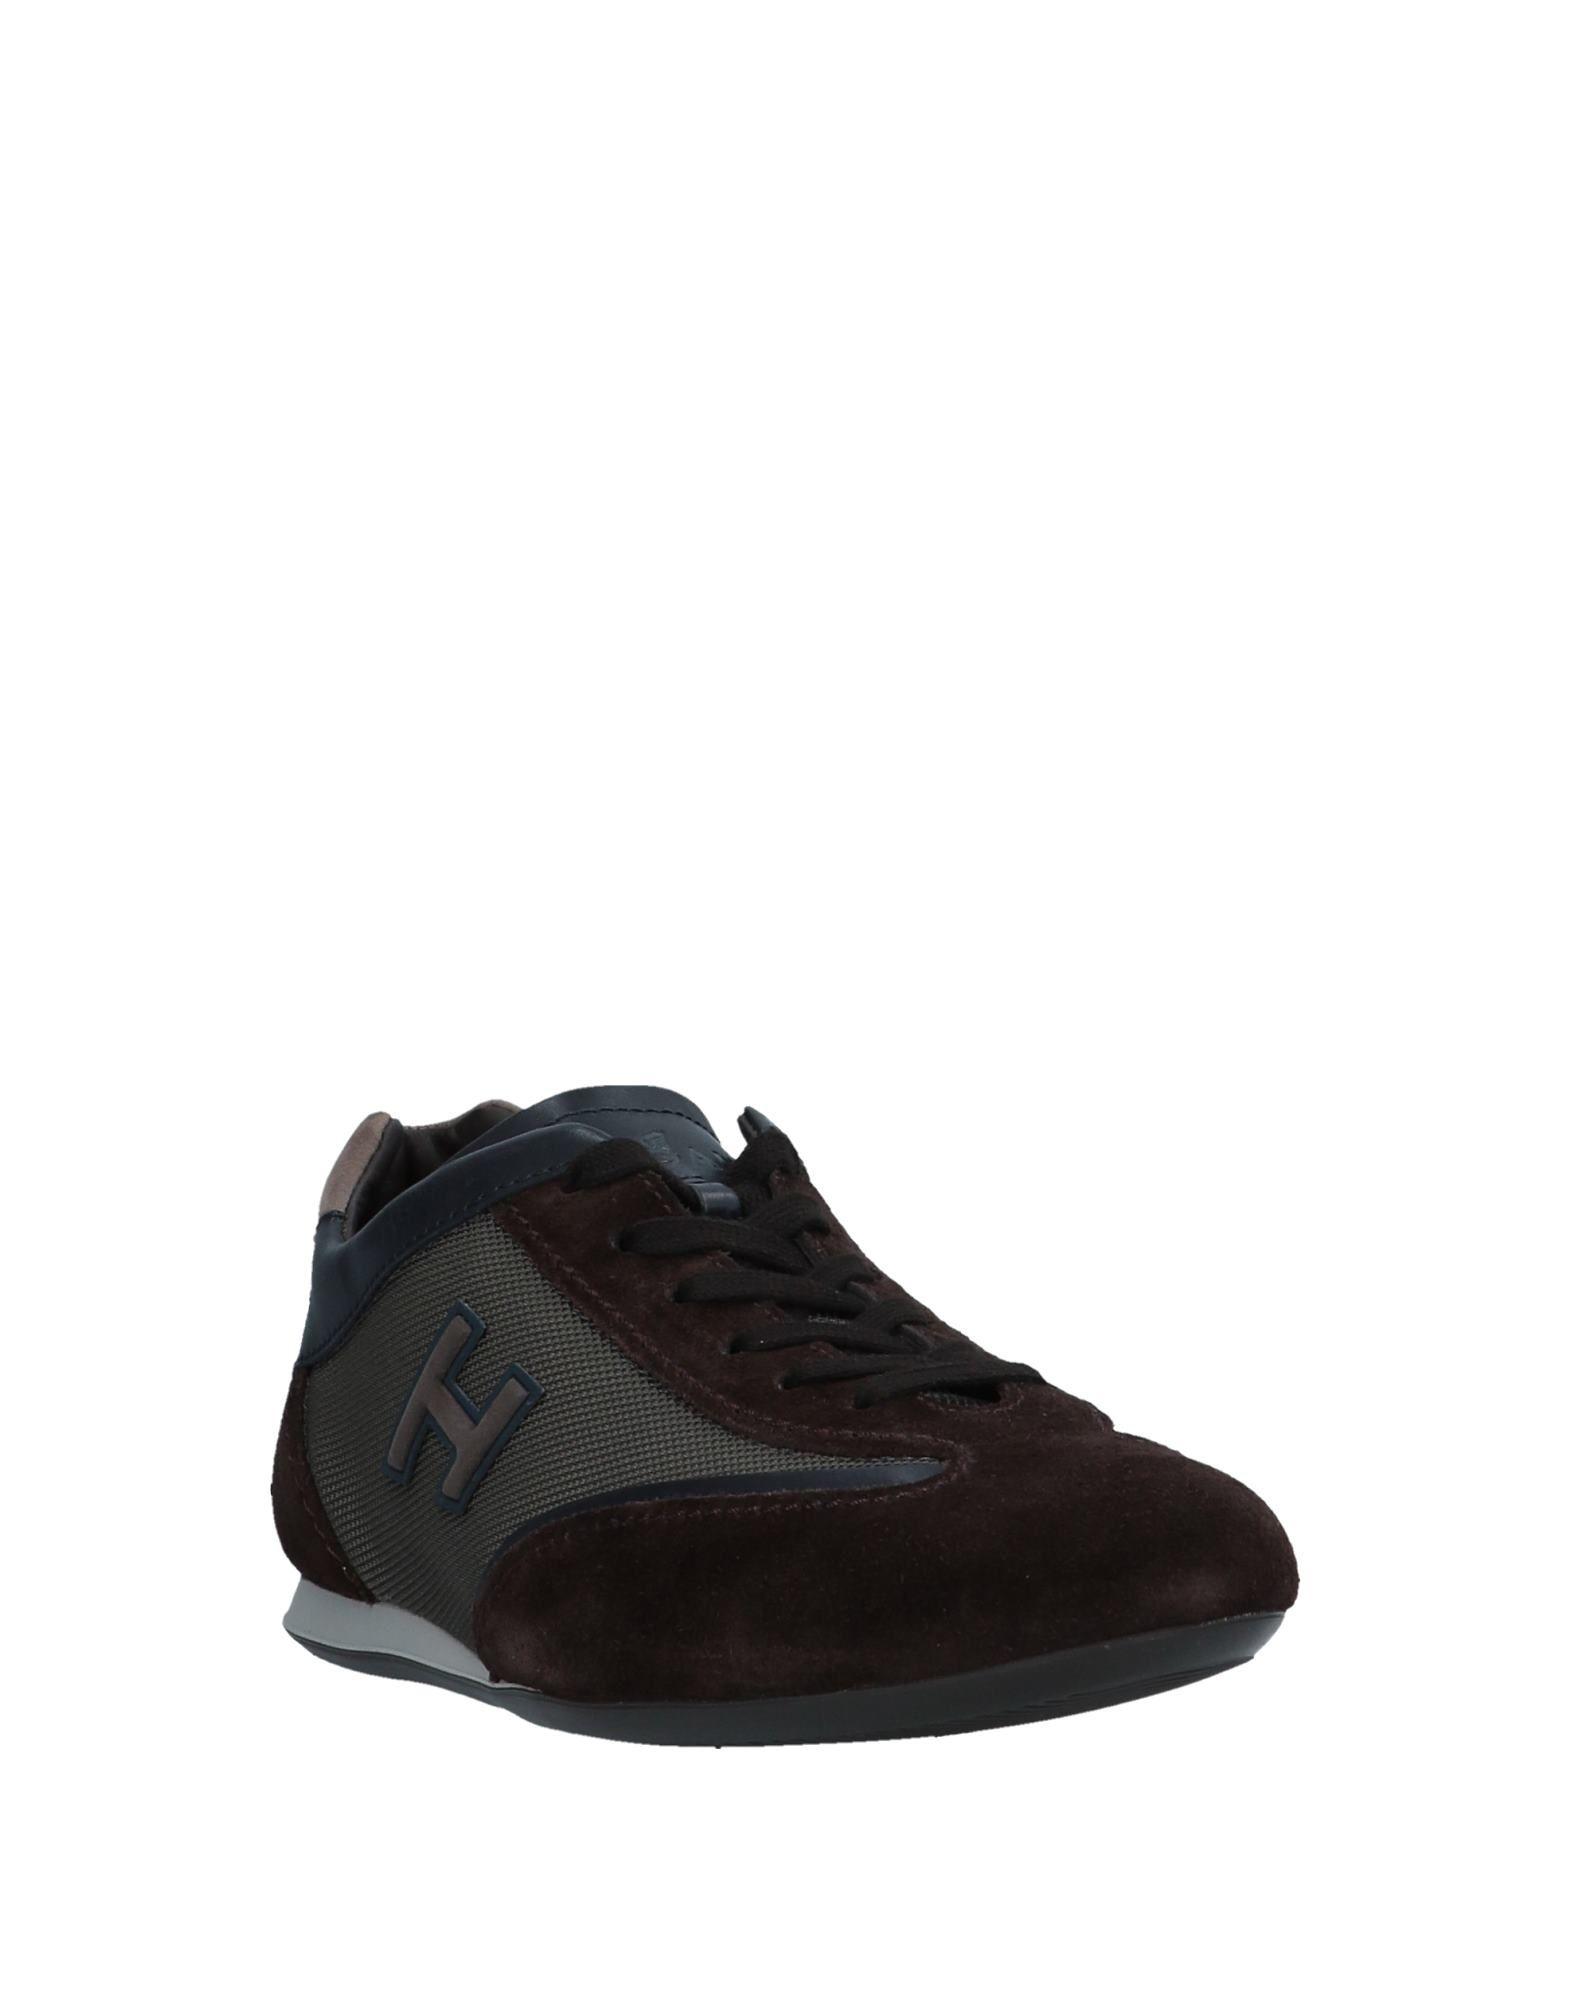 Hogan Sneakers Herren  11038506VV Schuhe Gute Qualität beliebte Schuhe 11038506VV e03e71